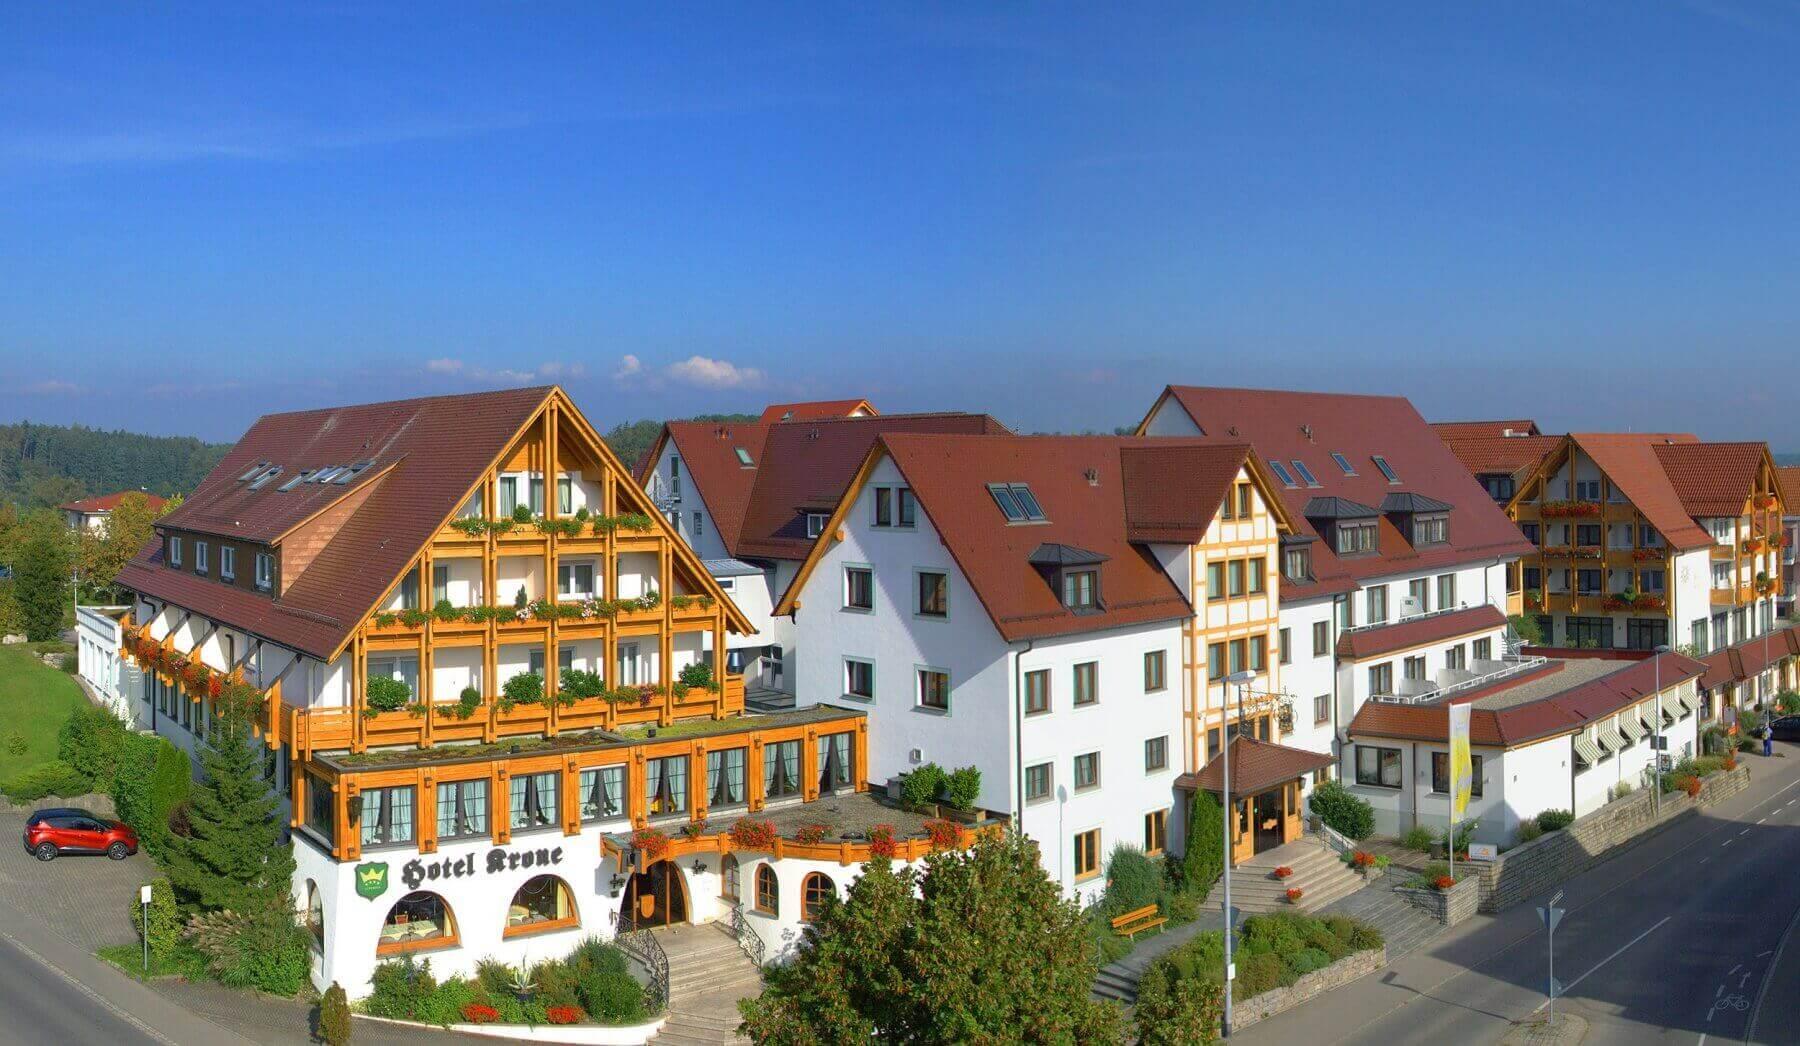 Hotel am Bodensee Wellnesshotel Friedrichshafen - Ringhotel Krone in Schnetzenausen bei Friedrichshafen am Bodensee.